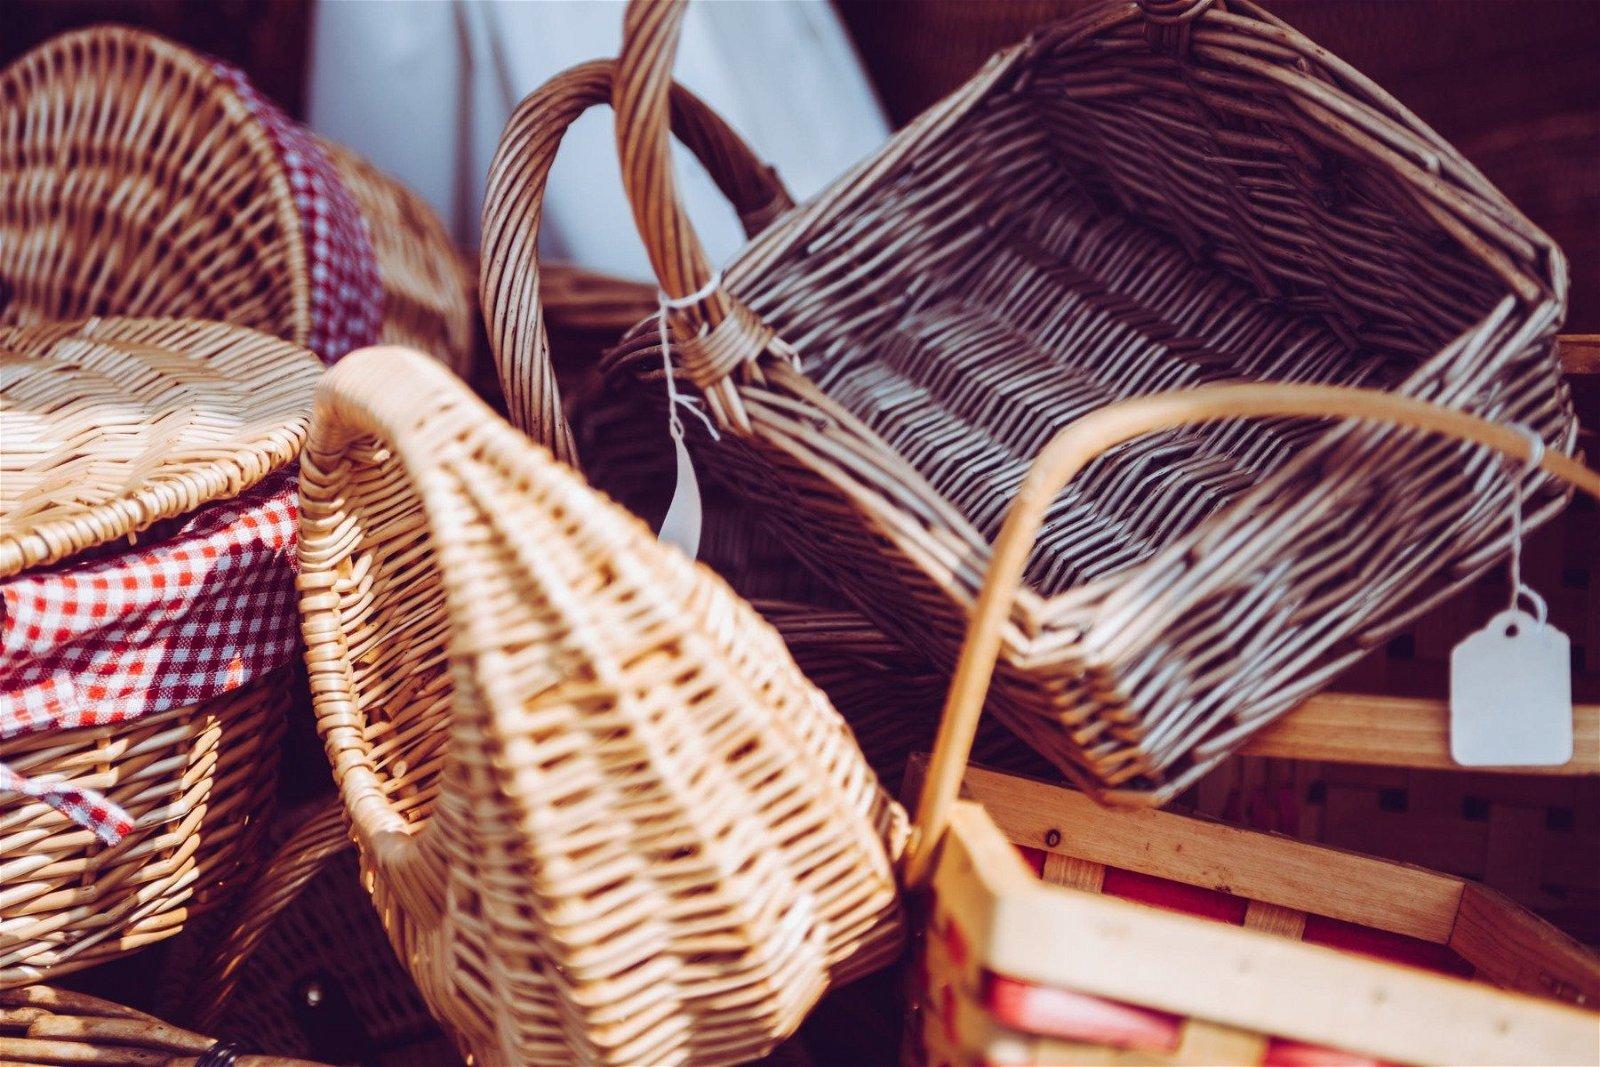 Et billede af forskellige gavekurve